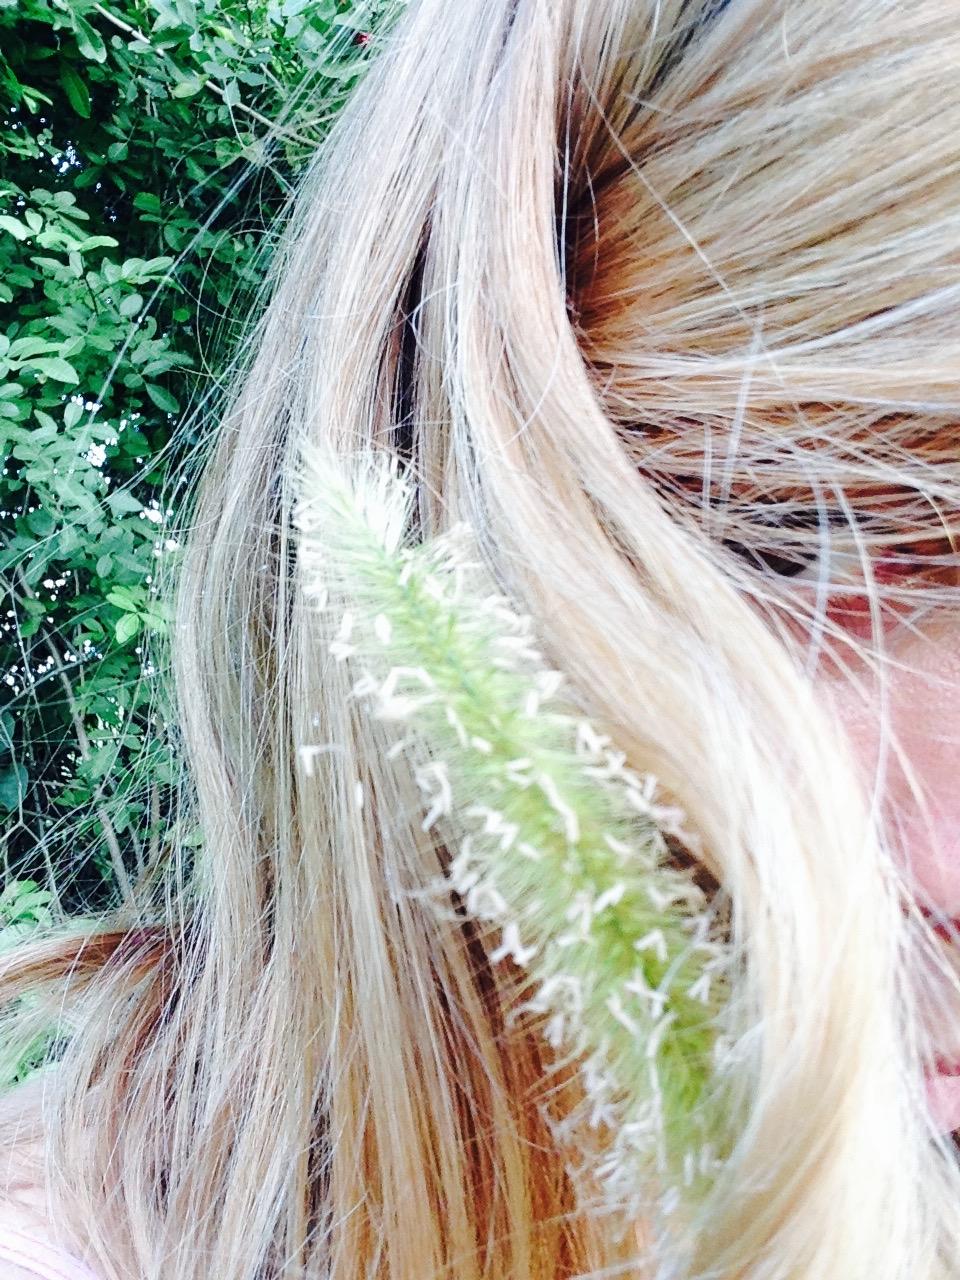 HairGrainFlowerSeed